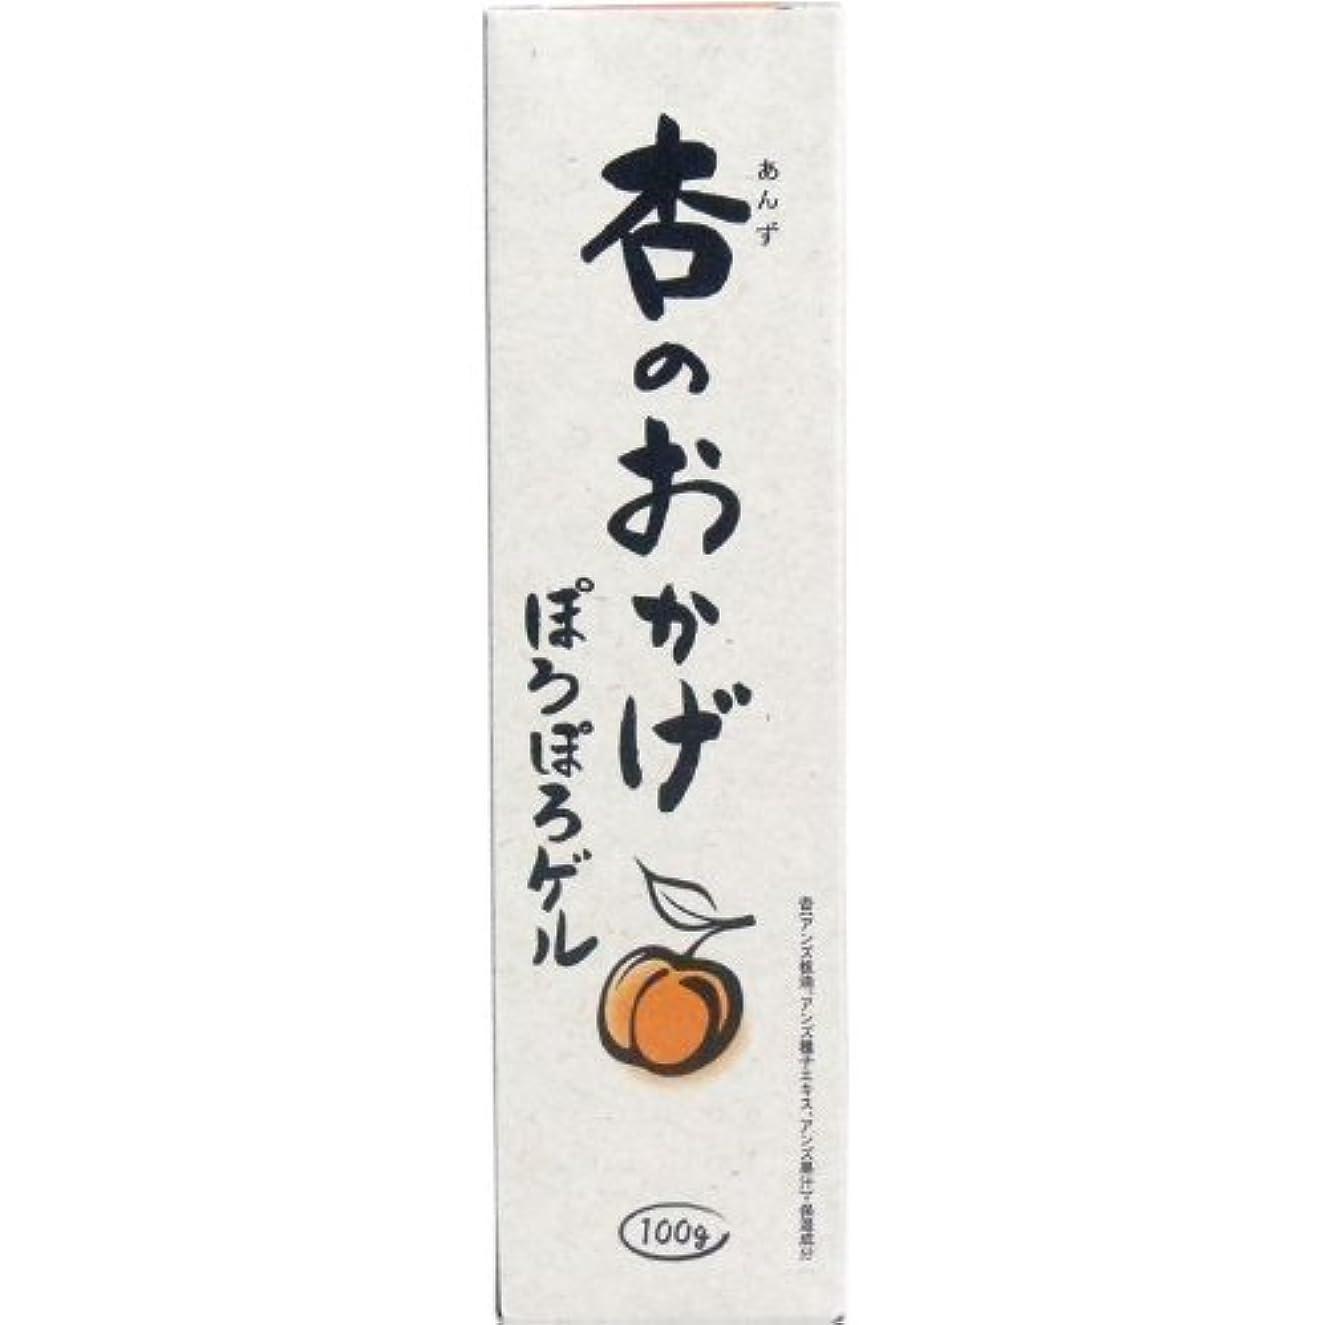 星パースポーズ杏のおかげ ぽろぽろゲル 100g【2個セット】